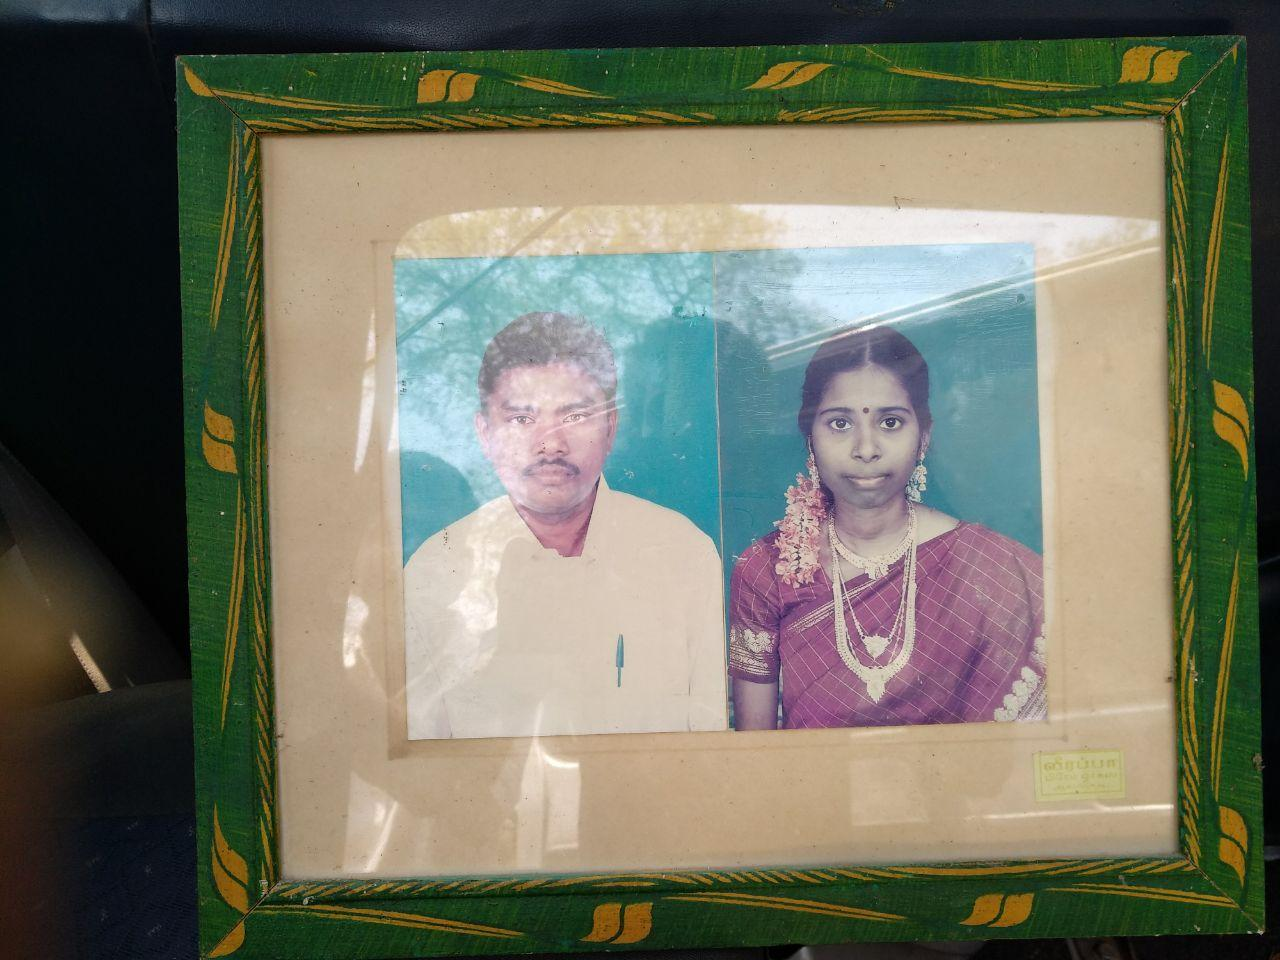 நடேசன் - நிர்மலா தம்பதியினர்